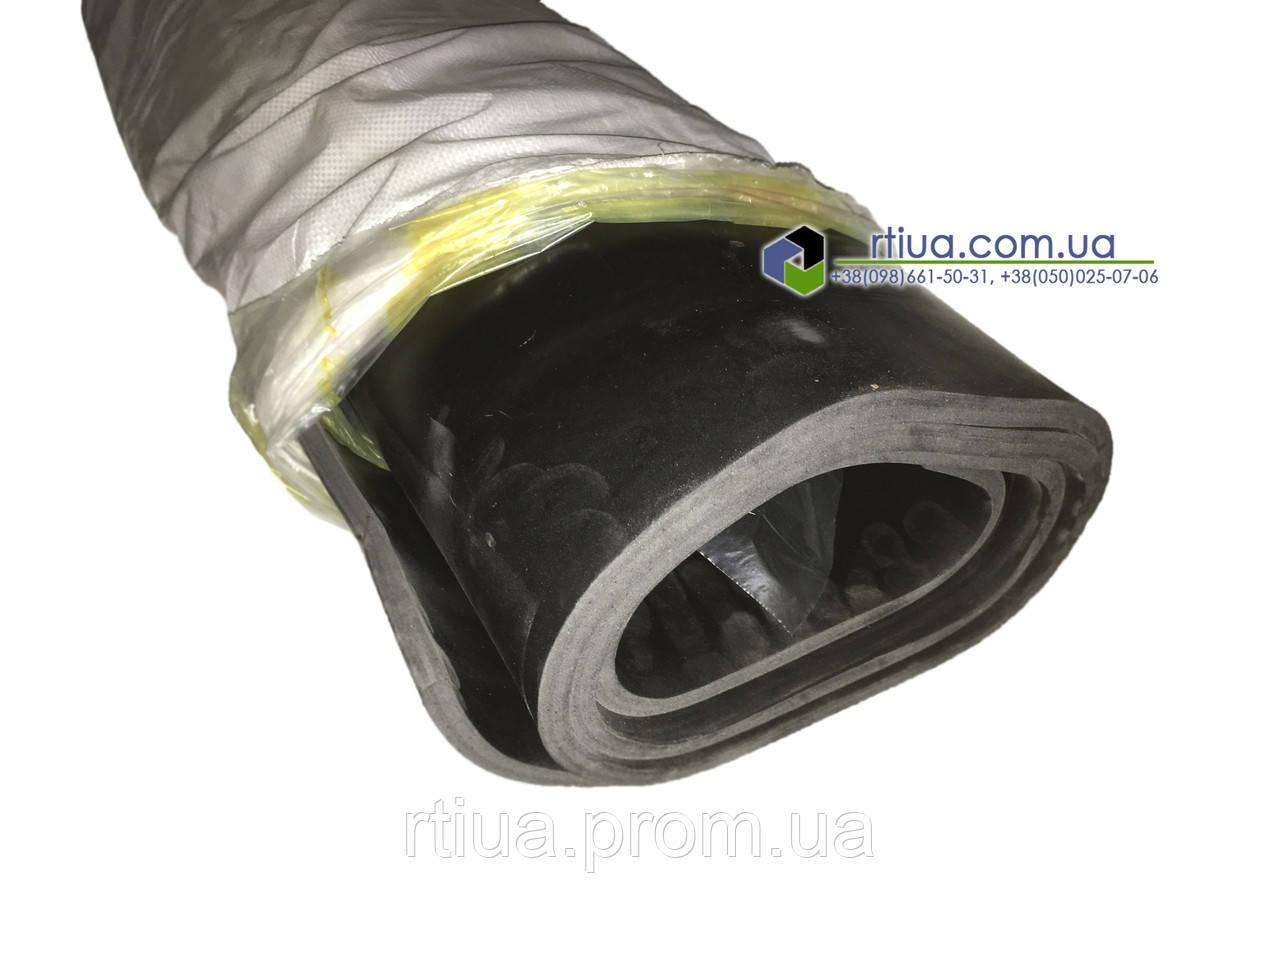 Пластина резиновая 6 мм ТМКЩ